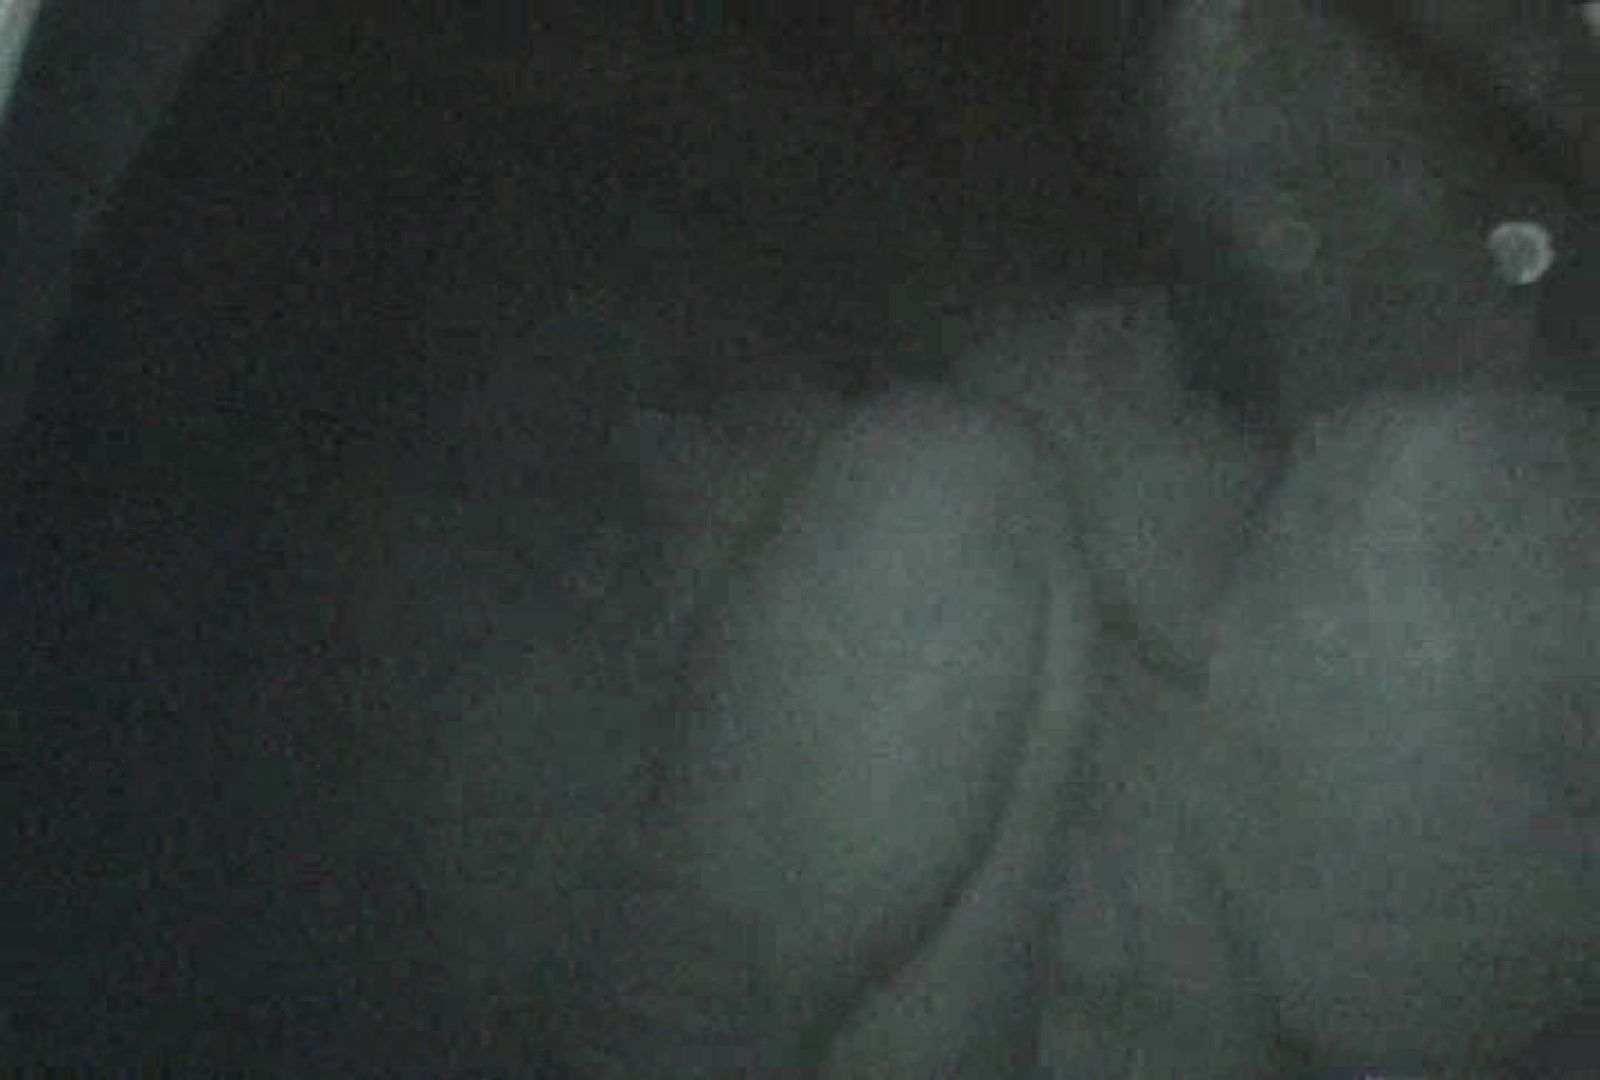 充血監督の深夜の運動会Vol.47 美しいOLの裸体 オメコ無修正動画無料 72pic 5